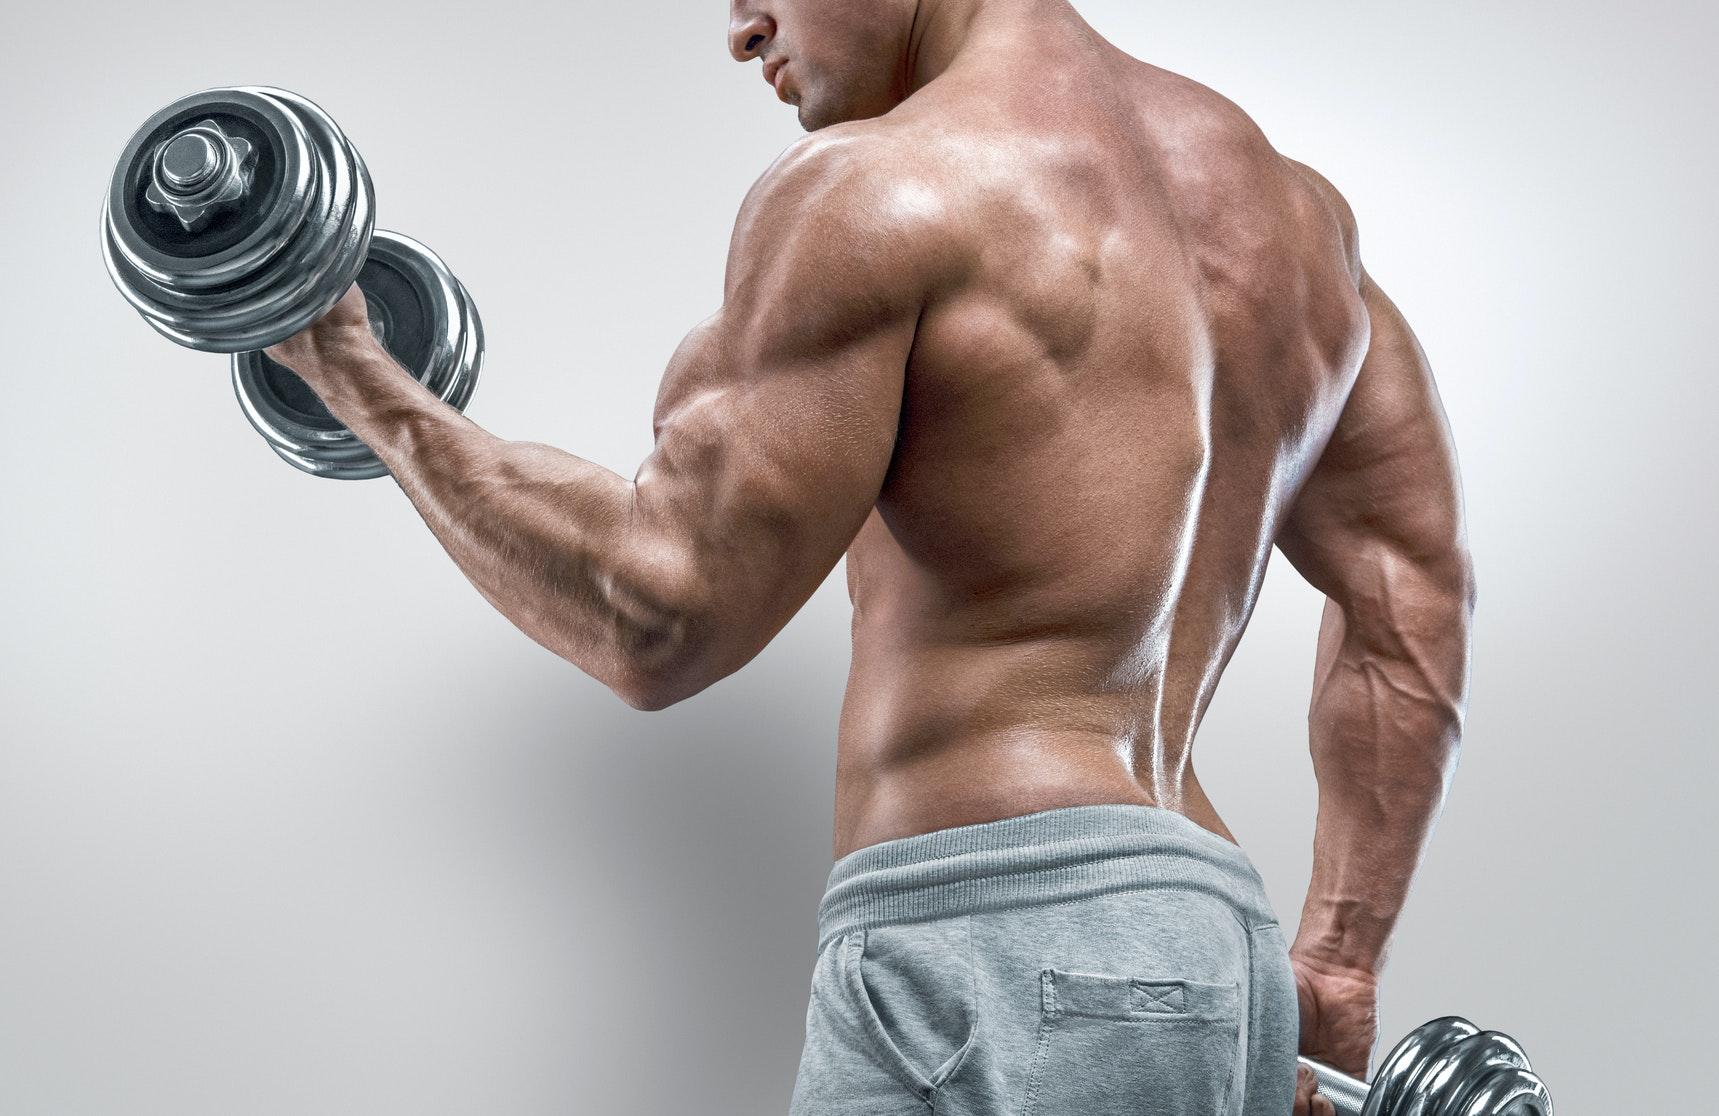 kosthold trening muskler